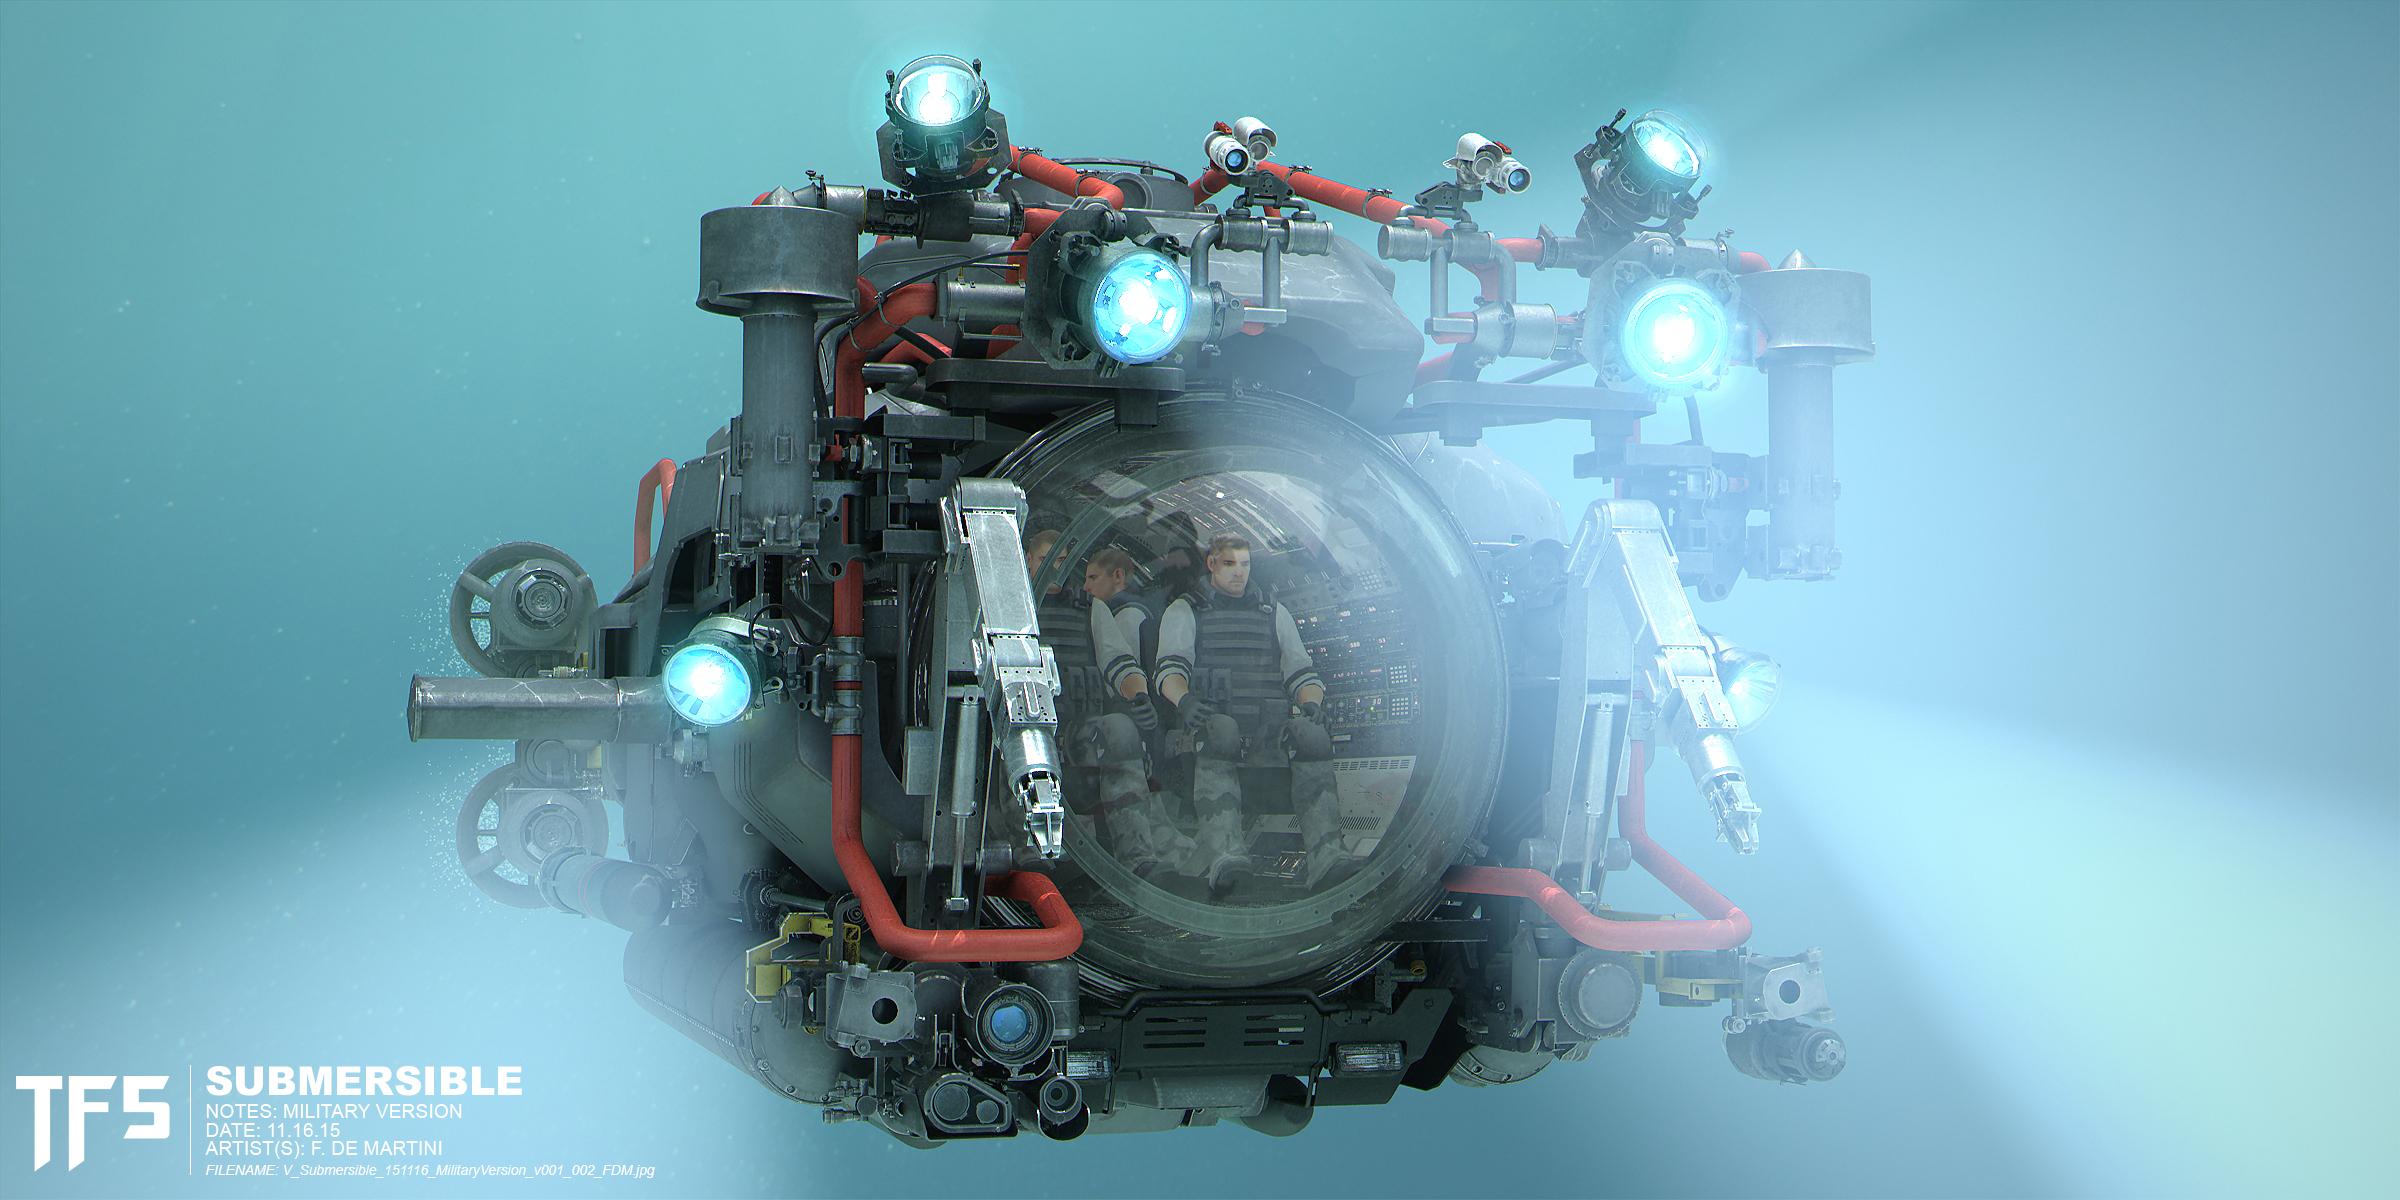 V_Submersible_151116_MilitaryVersion_v001_002_FDM.jpg